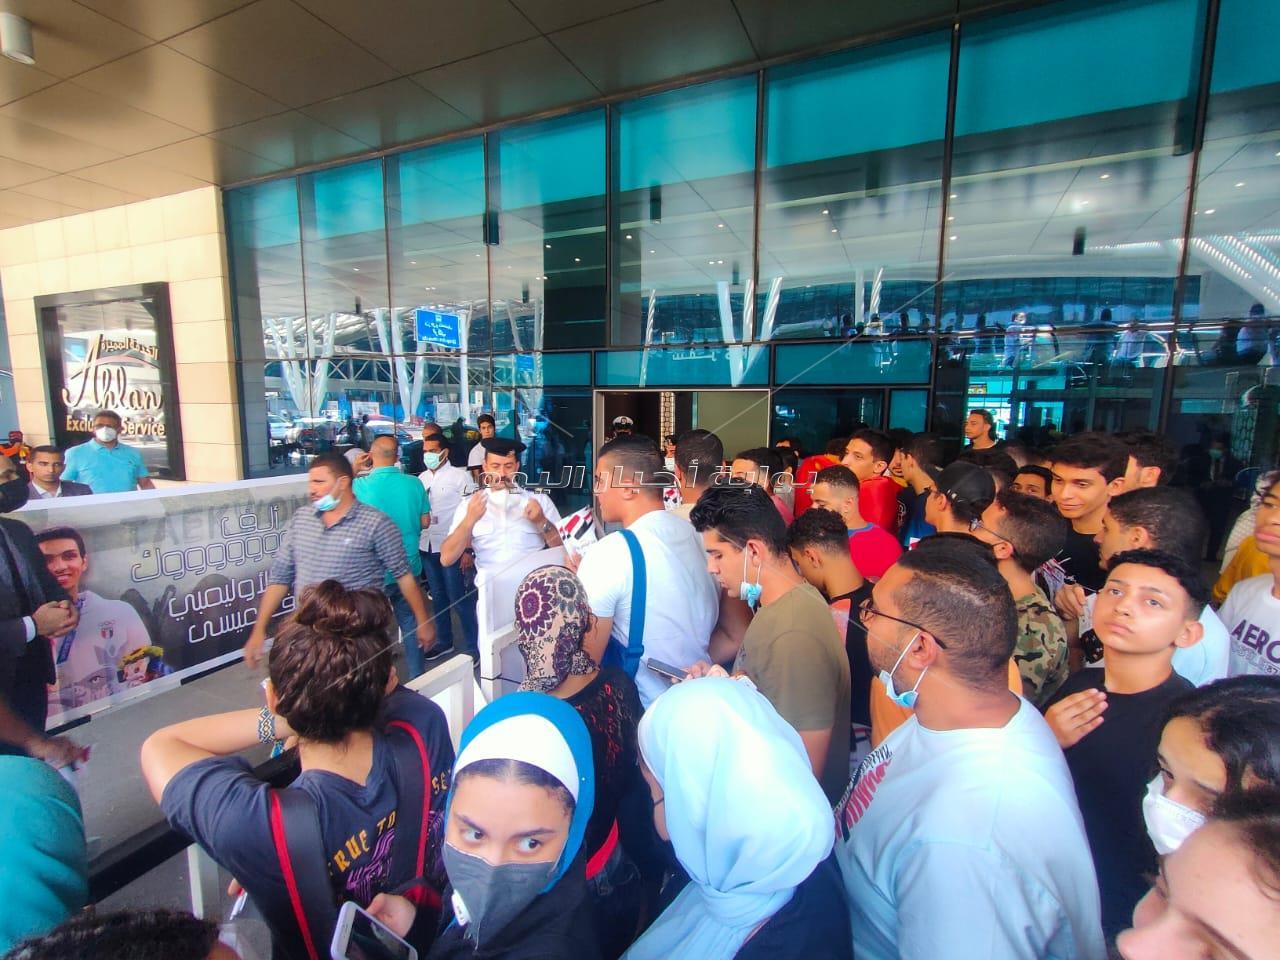 وصل منذ دقائق أبطال التايكوندو المصري هداية ملاك وسيف عيسي إلى مطار القاهرة